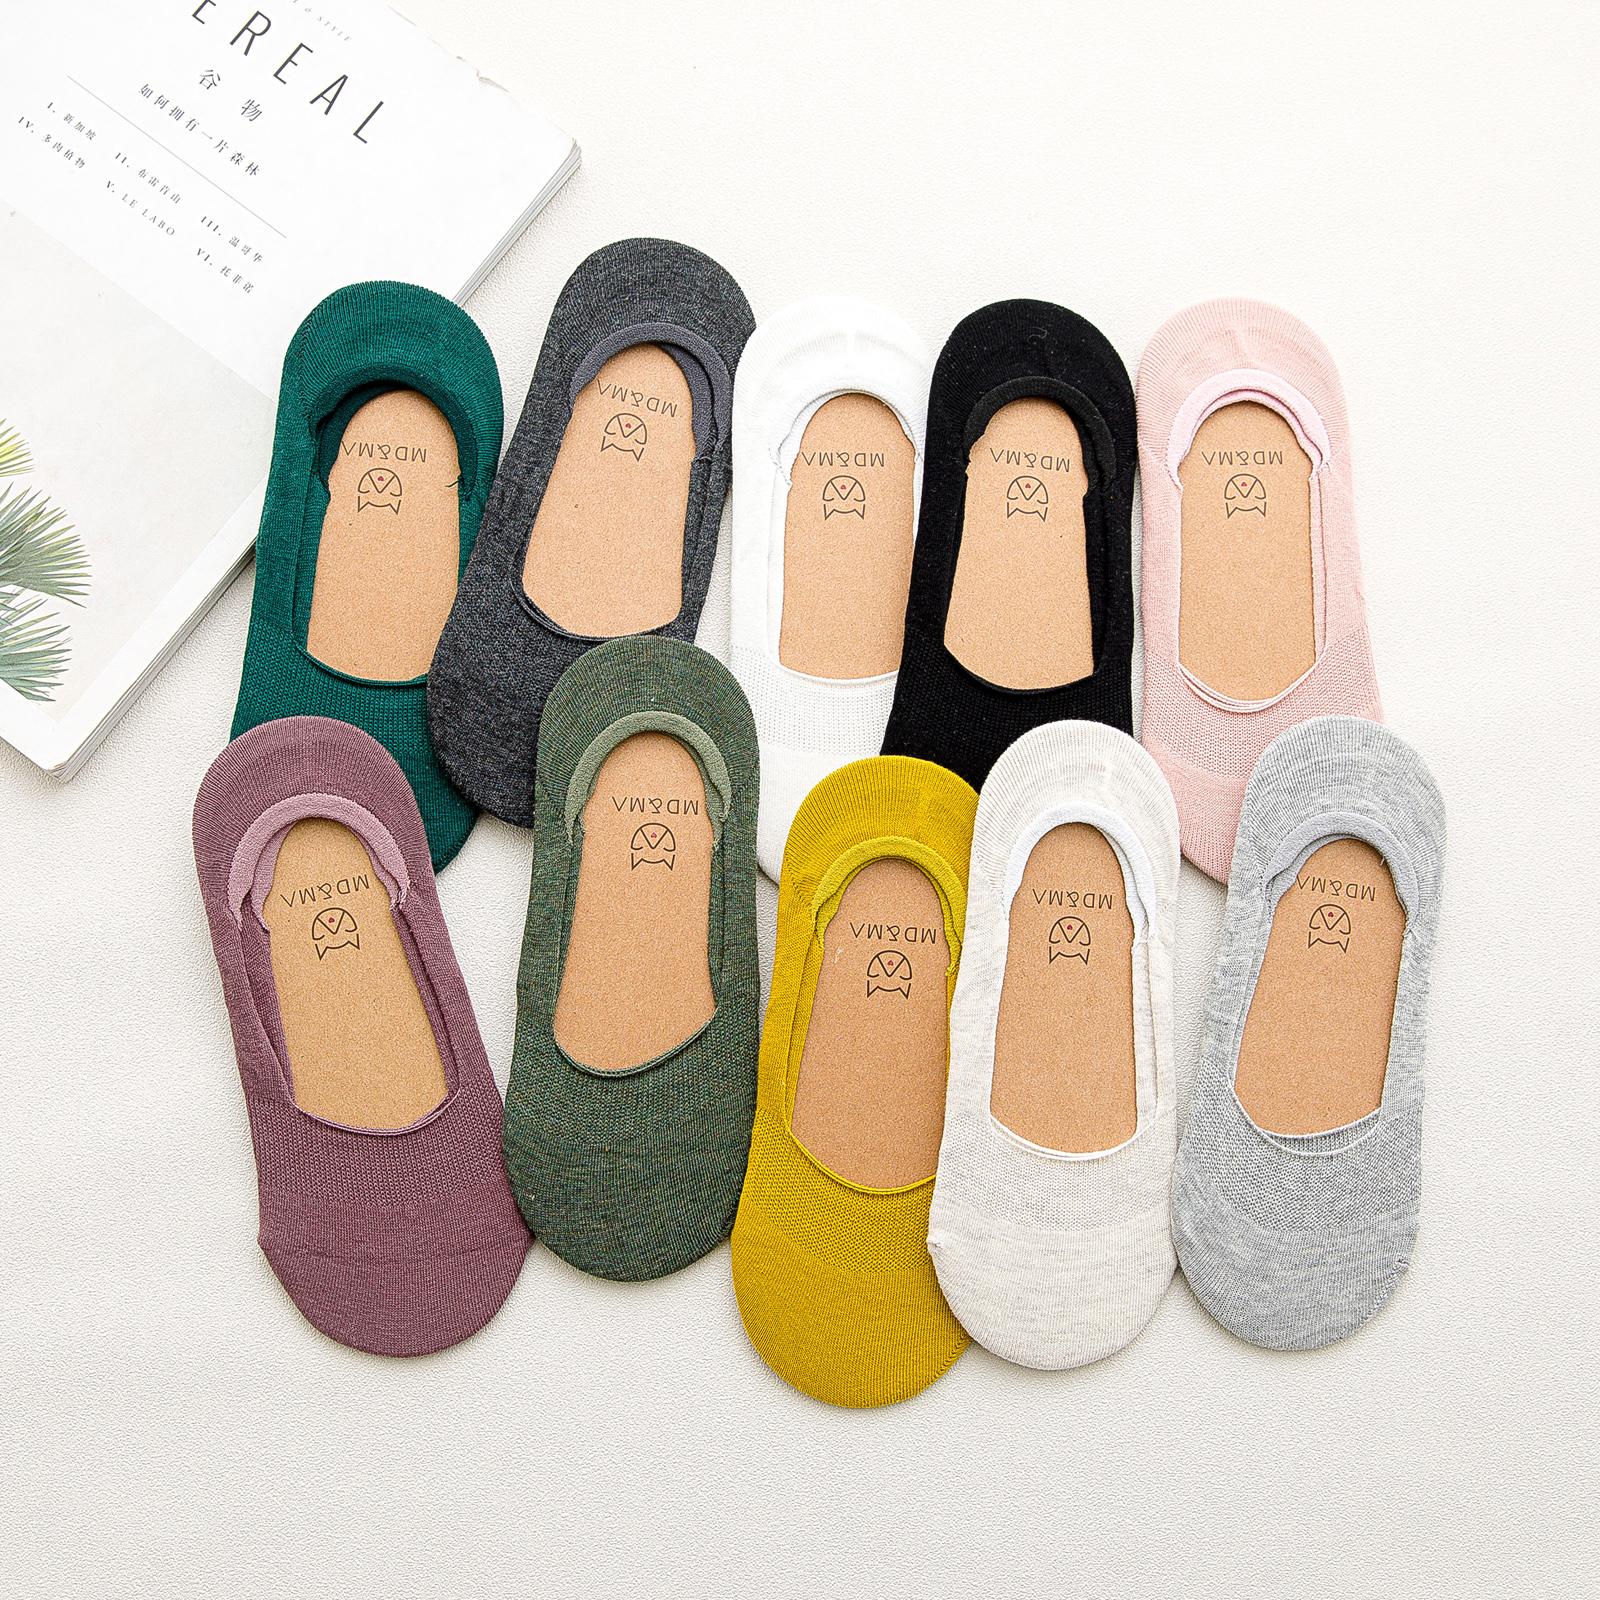 船袜套女纯棉浅口隐形袜底薄款夏季不掉跟防臭硅胶防滑全棉短袜子